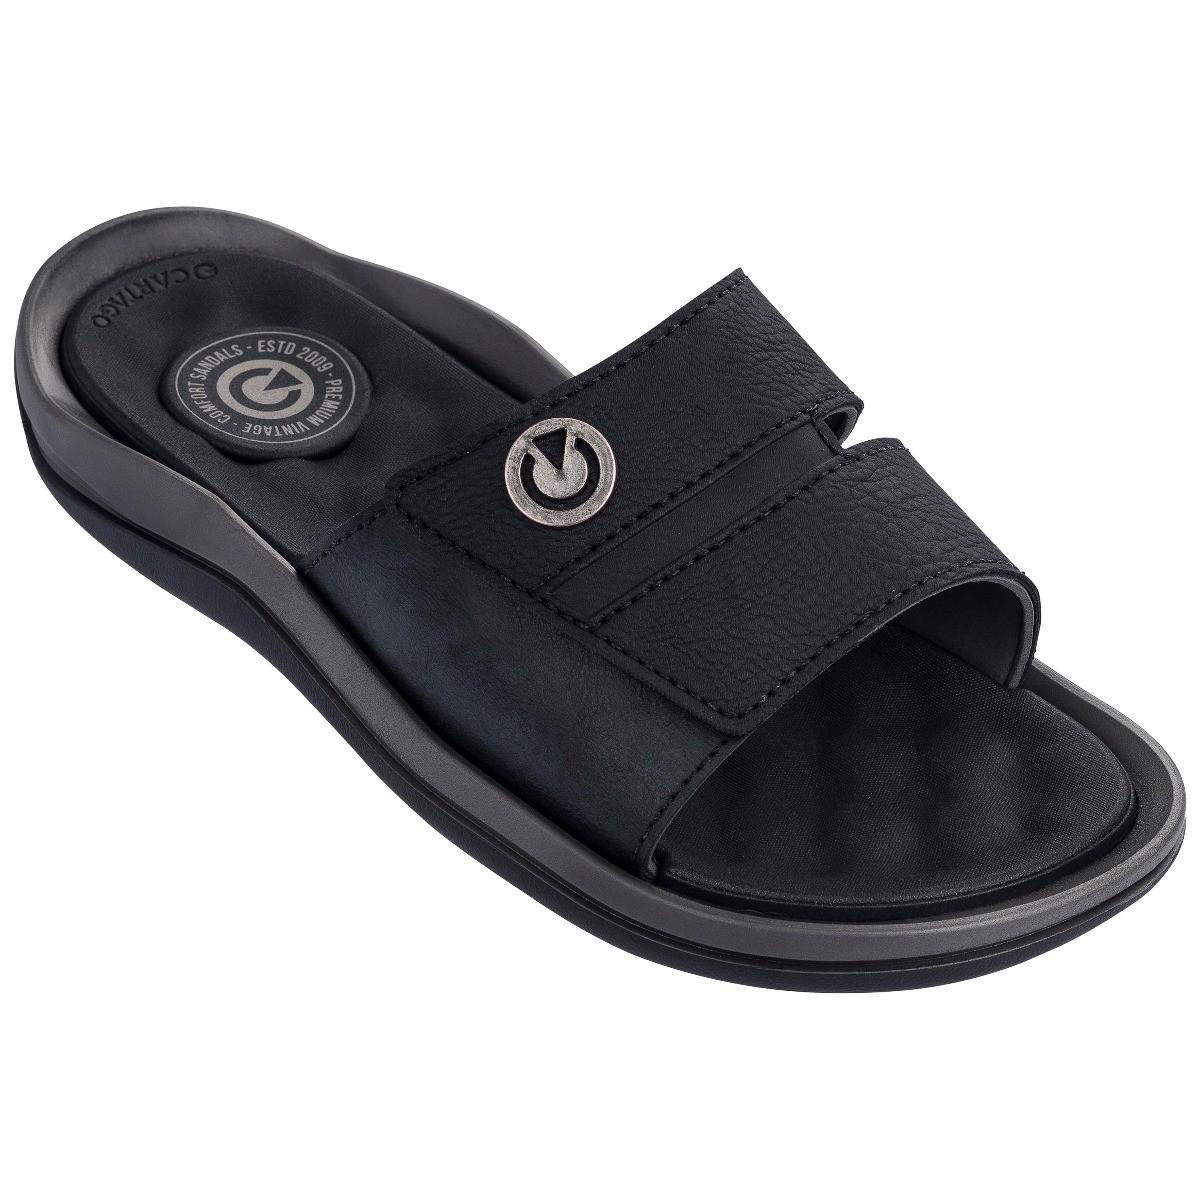 Afbeelding van Cartago Santorini Slide Slippers Heren Grey Black EU 42